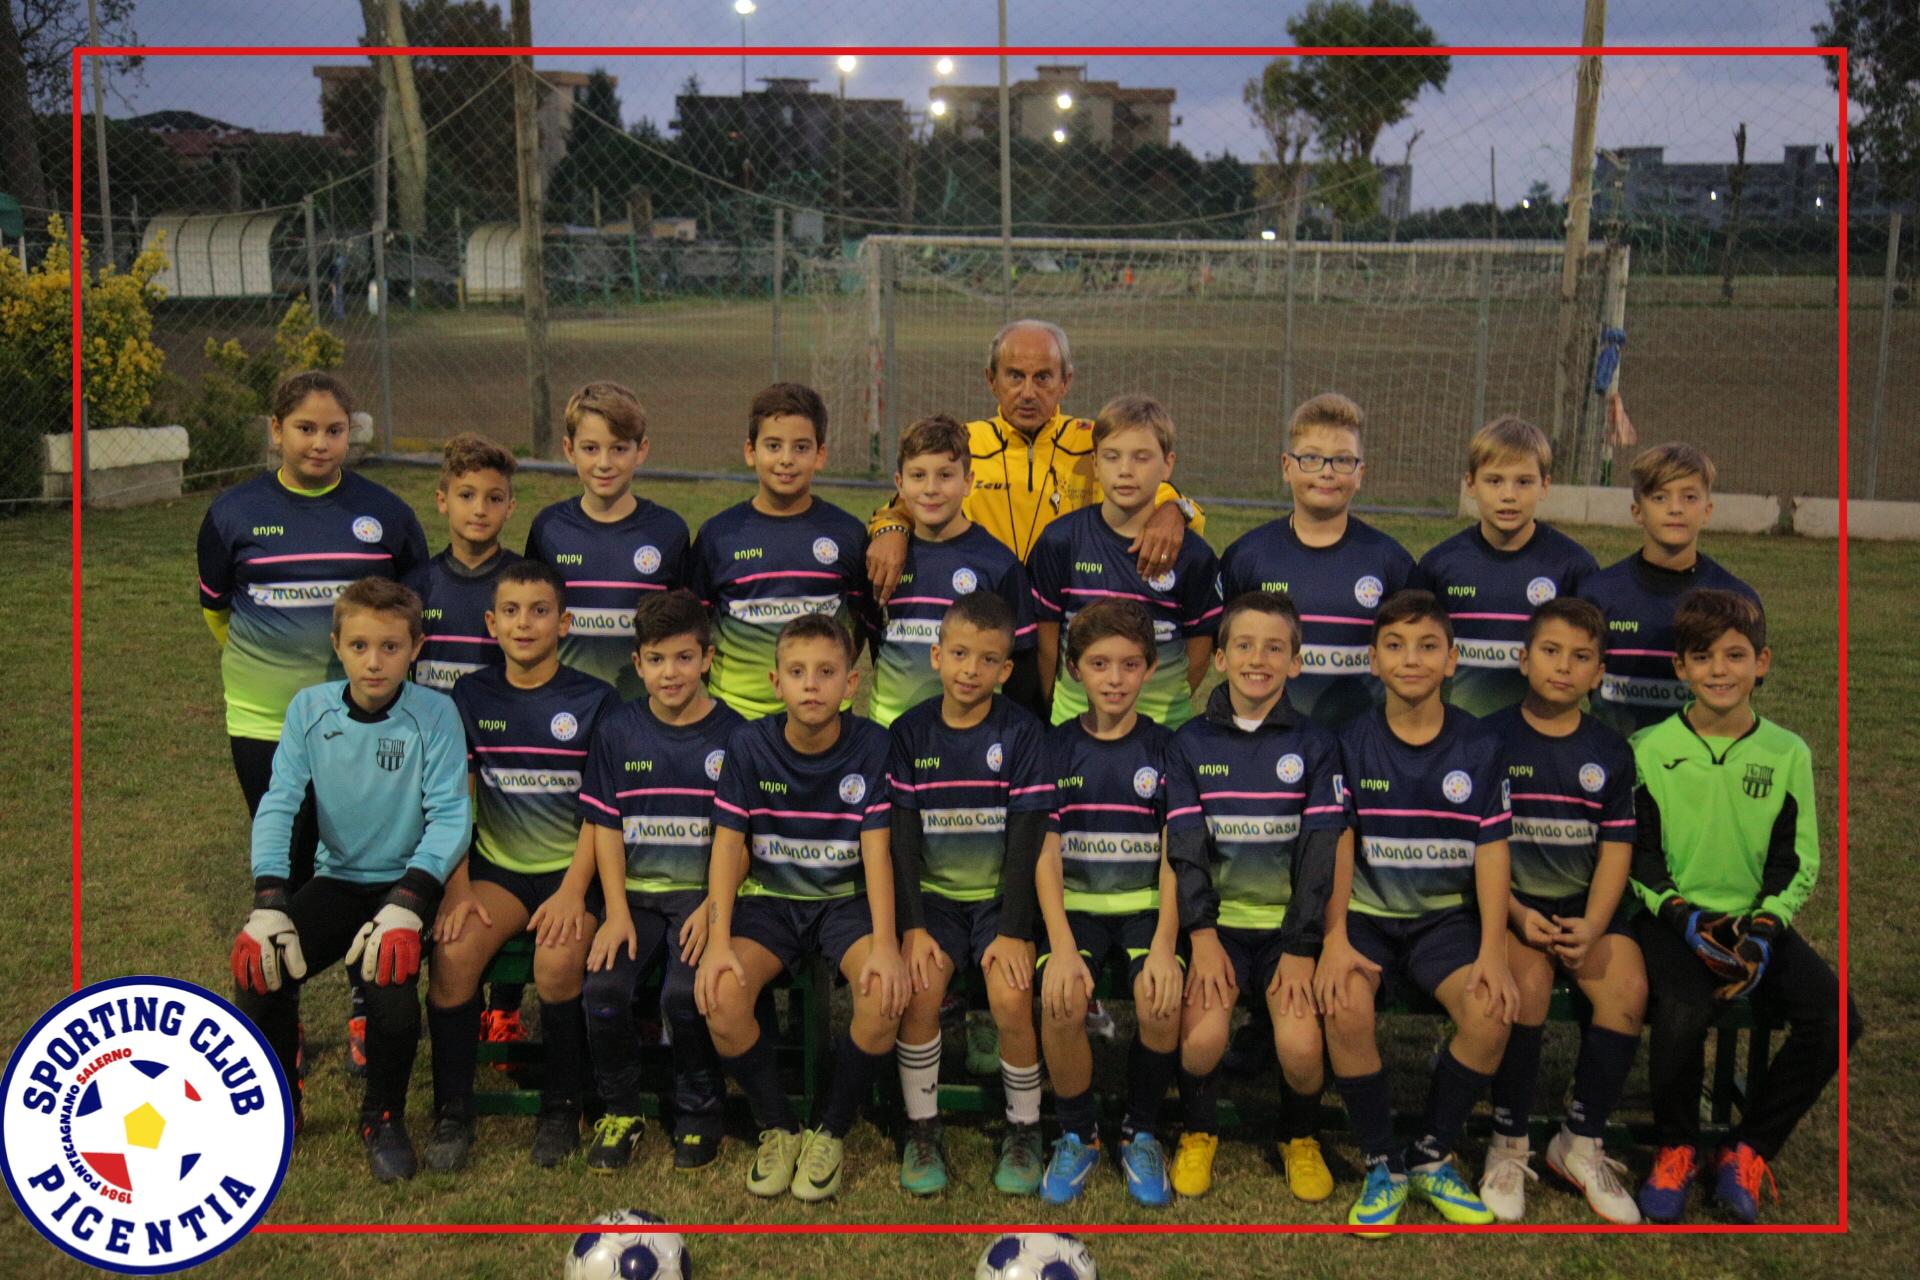 https://www.sportingpicentia.com/wp-content/uploads/2018/11/pulcini2008-3.png